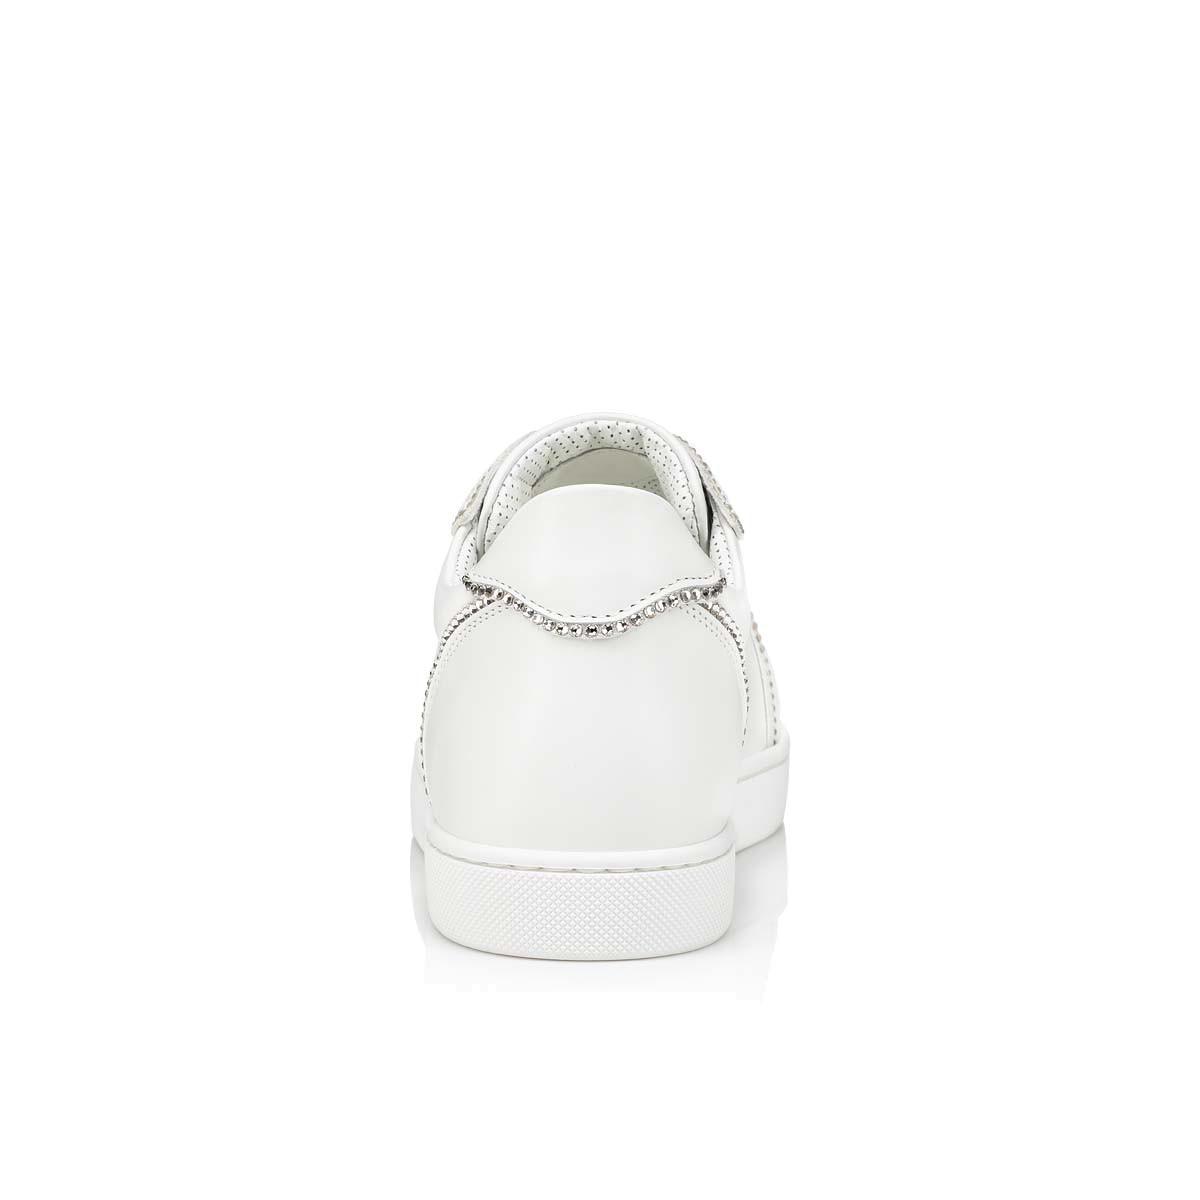 Shoes - Vieira Bordo Strass - Christian Louboutin